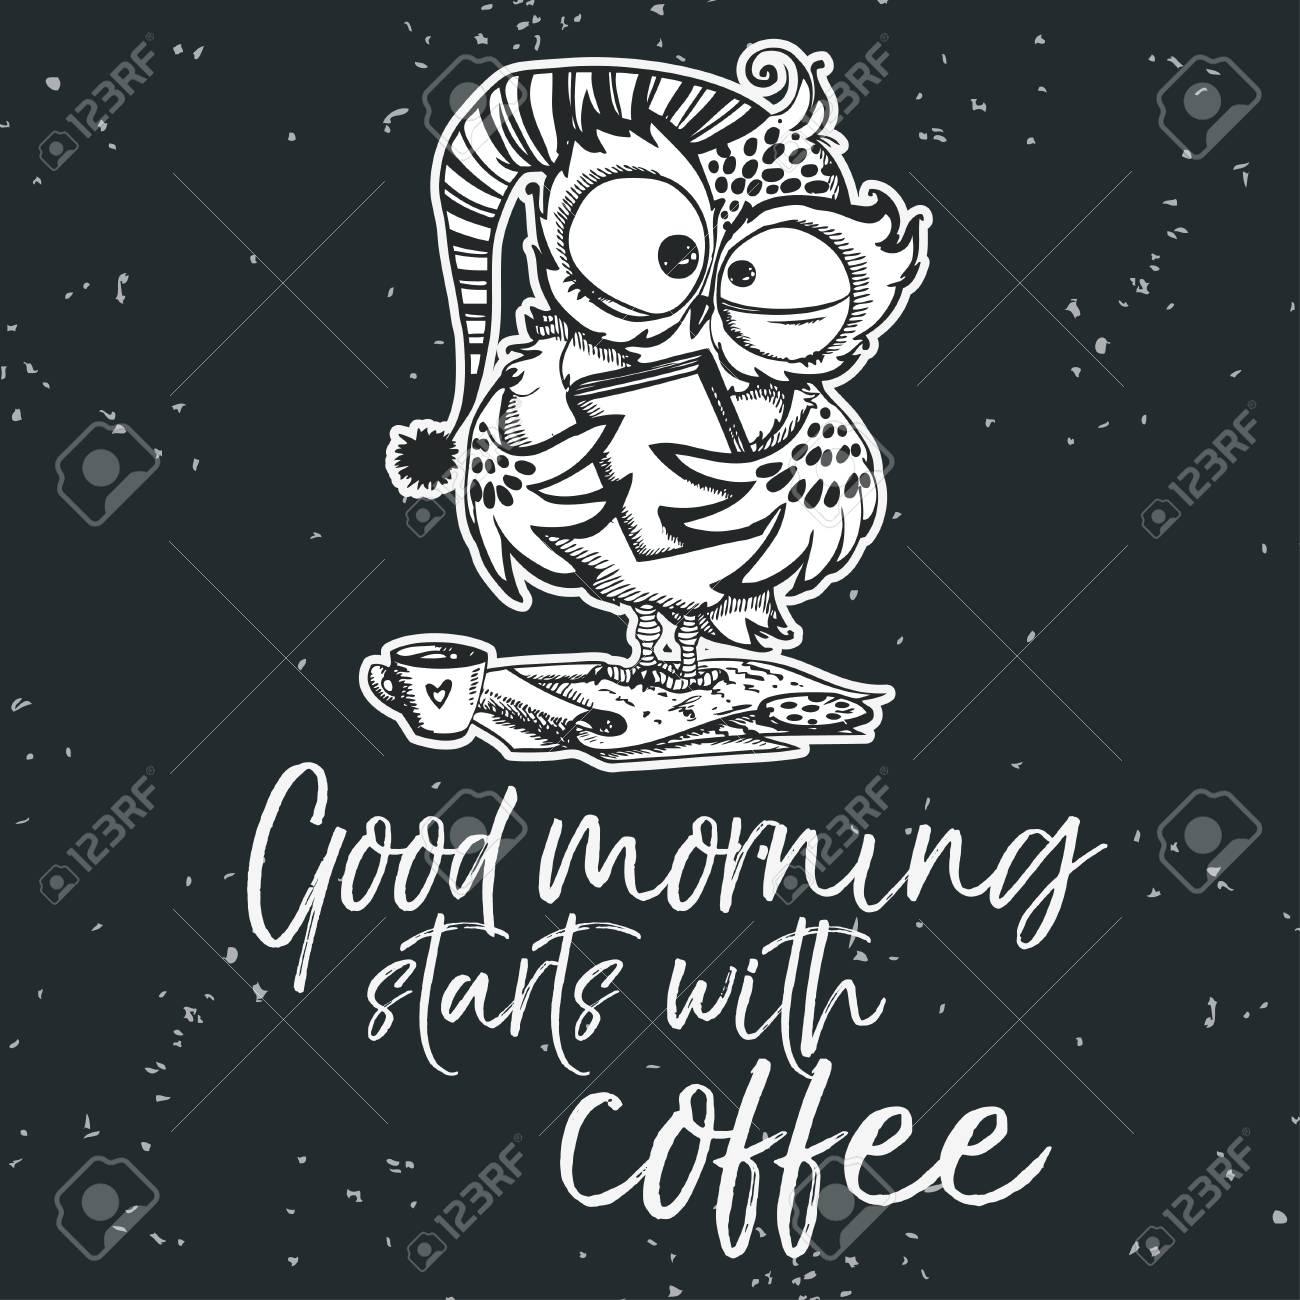 Dibujado A Mano Búho Con Letras Buenos Días Comienza Con Café Cartel De La Mañana Inspirada Para El Menú Del Café Impresiones Tazas Pancartas